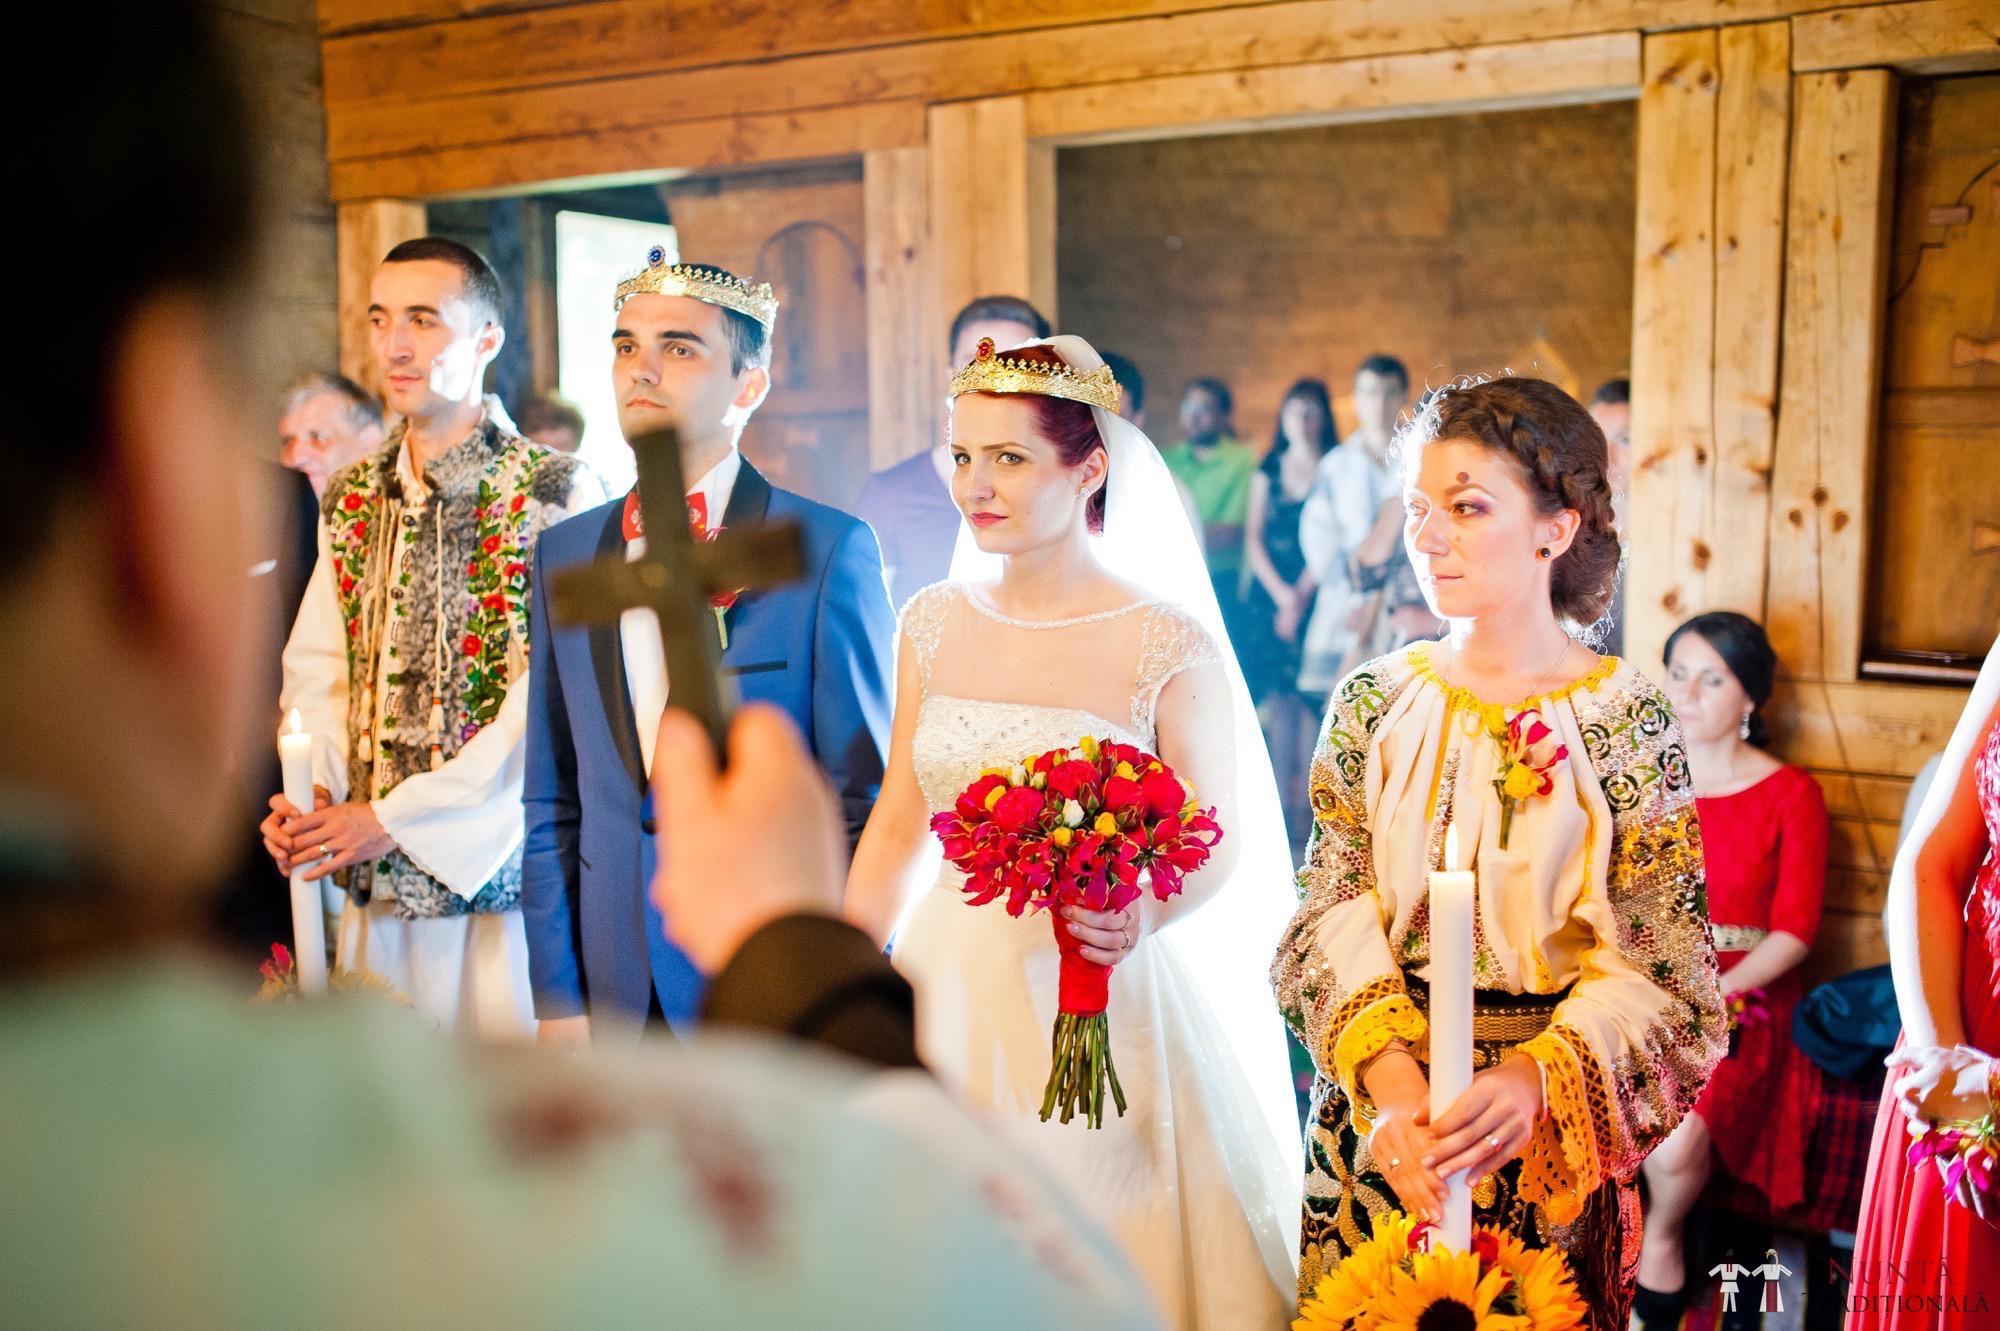 Povești Nunți Tradiționale - Gabriela și Mădălin - Nuntă Tradițională în Suceava, Bucovina 58